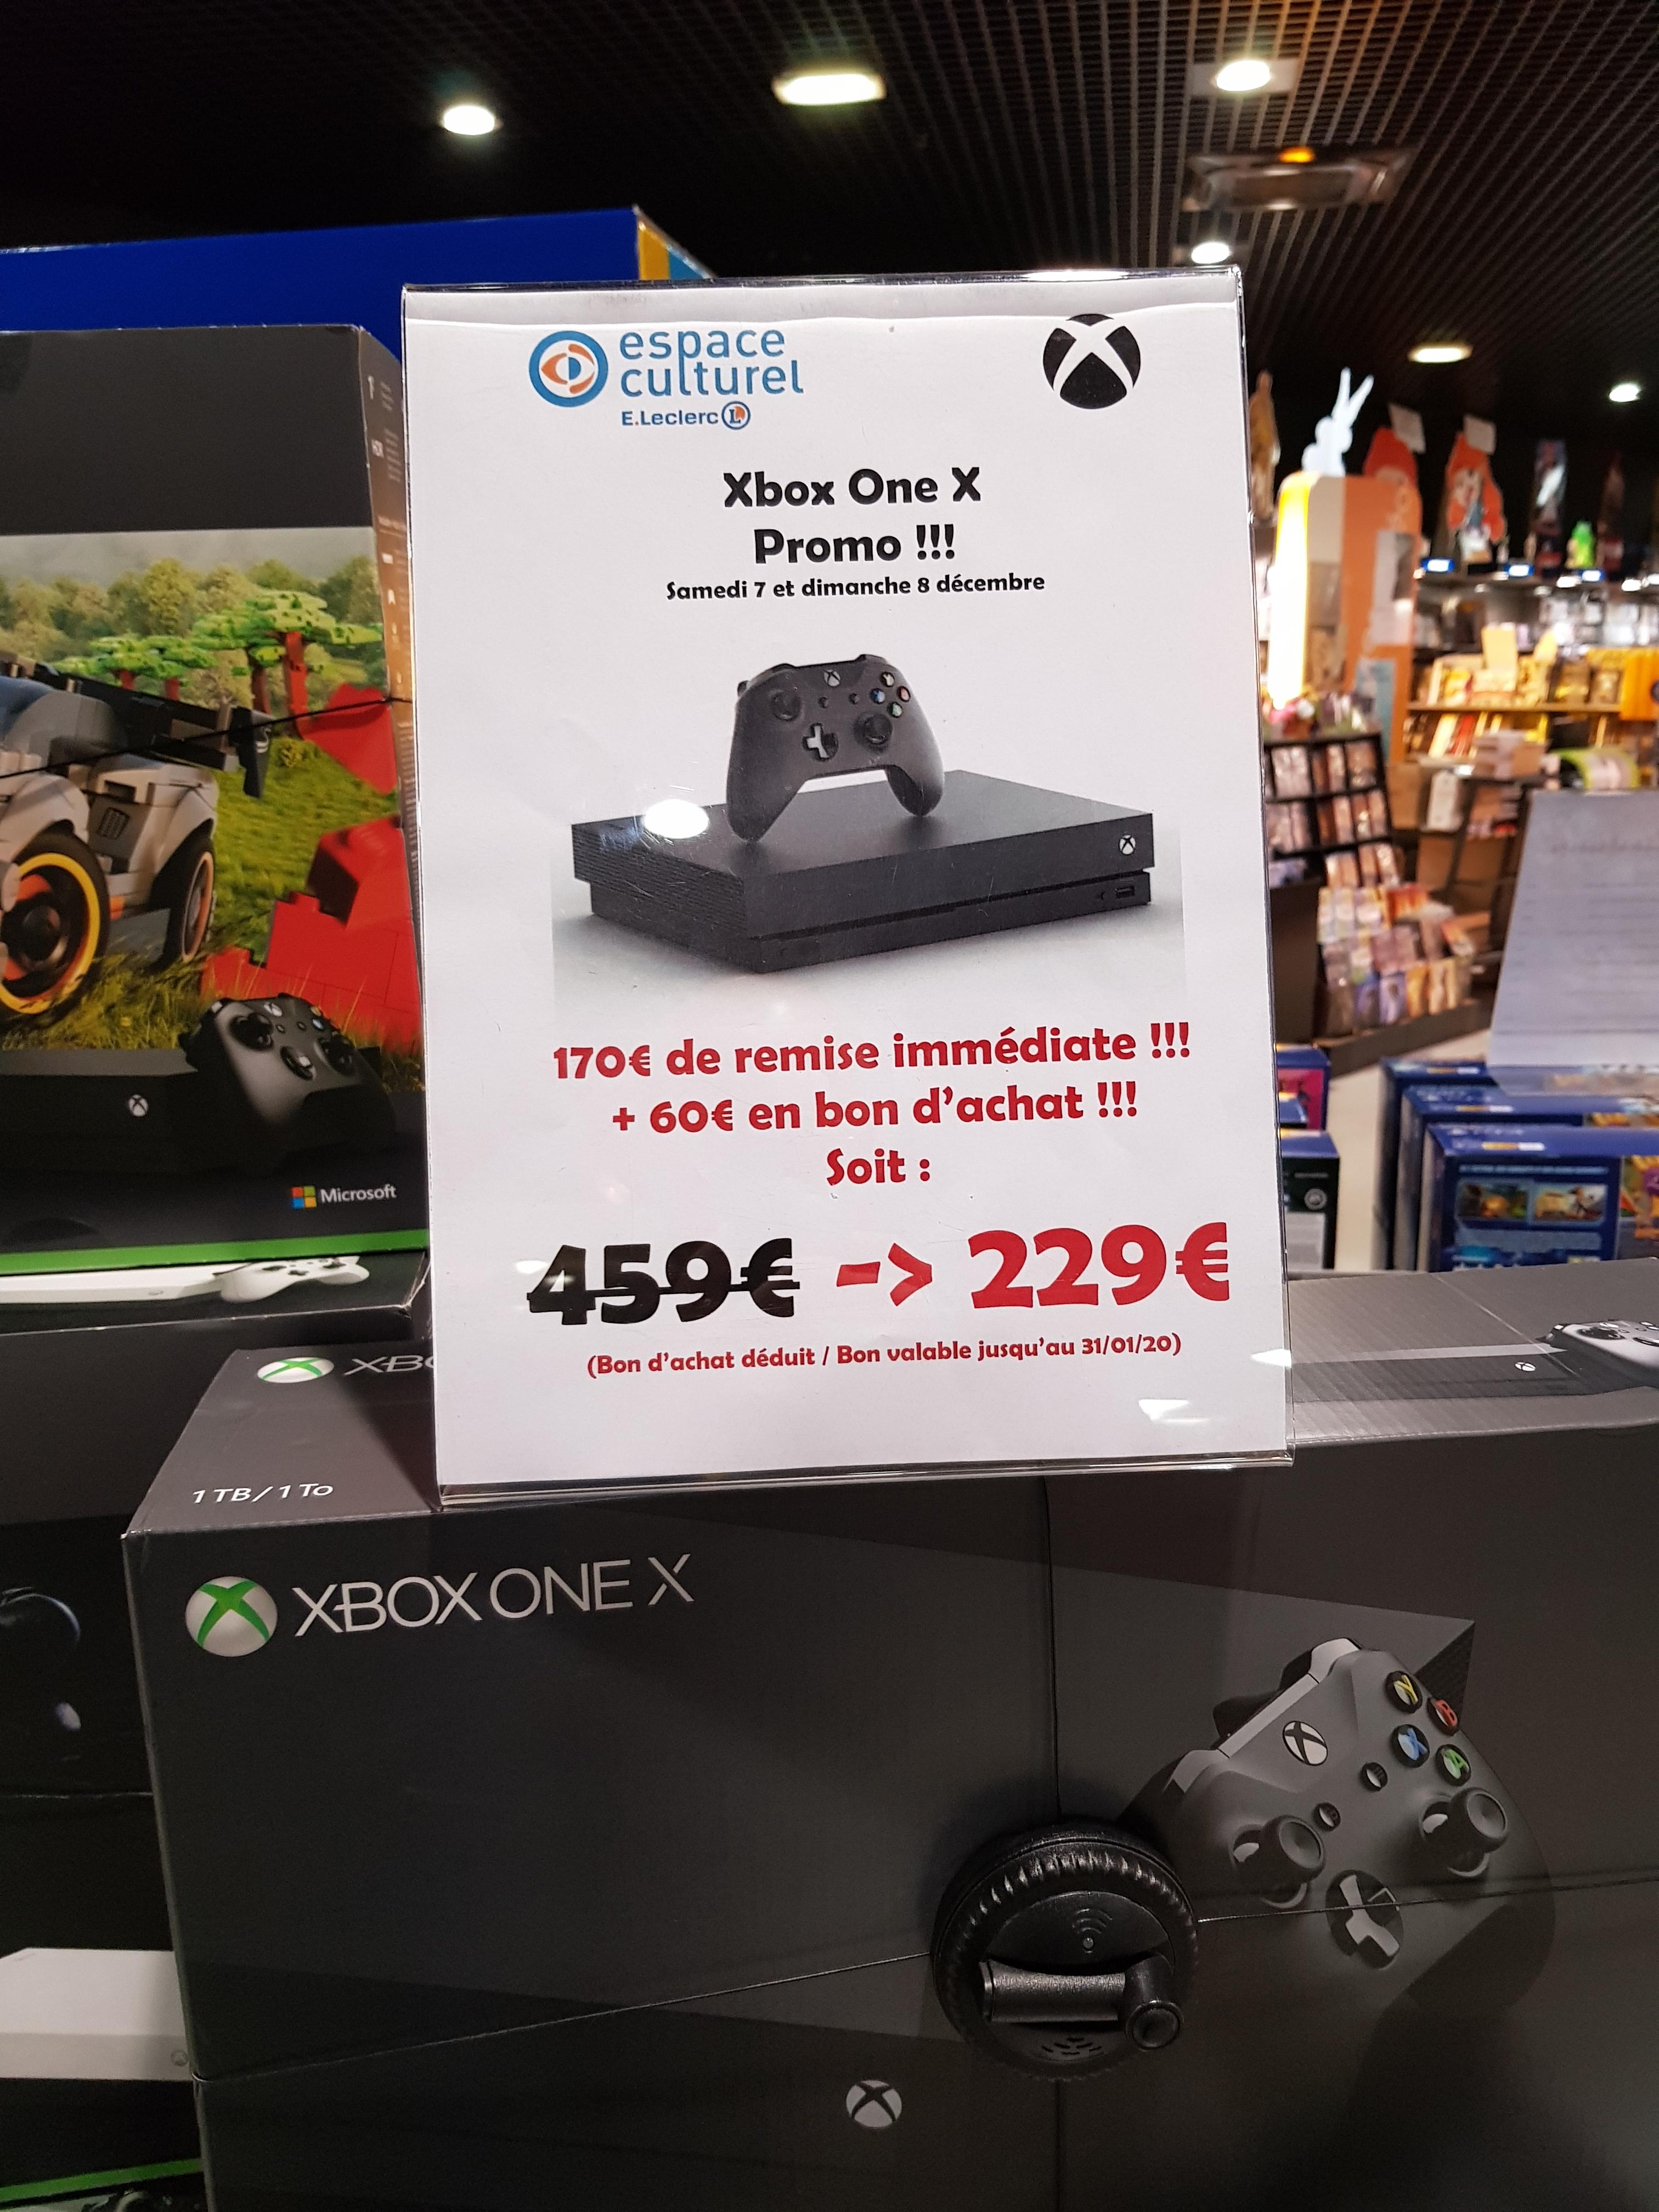 Console Microsoft Xbox One X (1 To - Via 60€ en bon d'achat) - Andrezieux-Bouthéon (42)